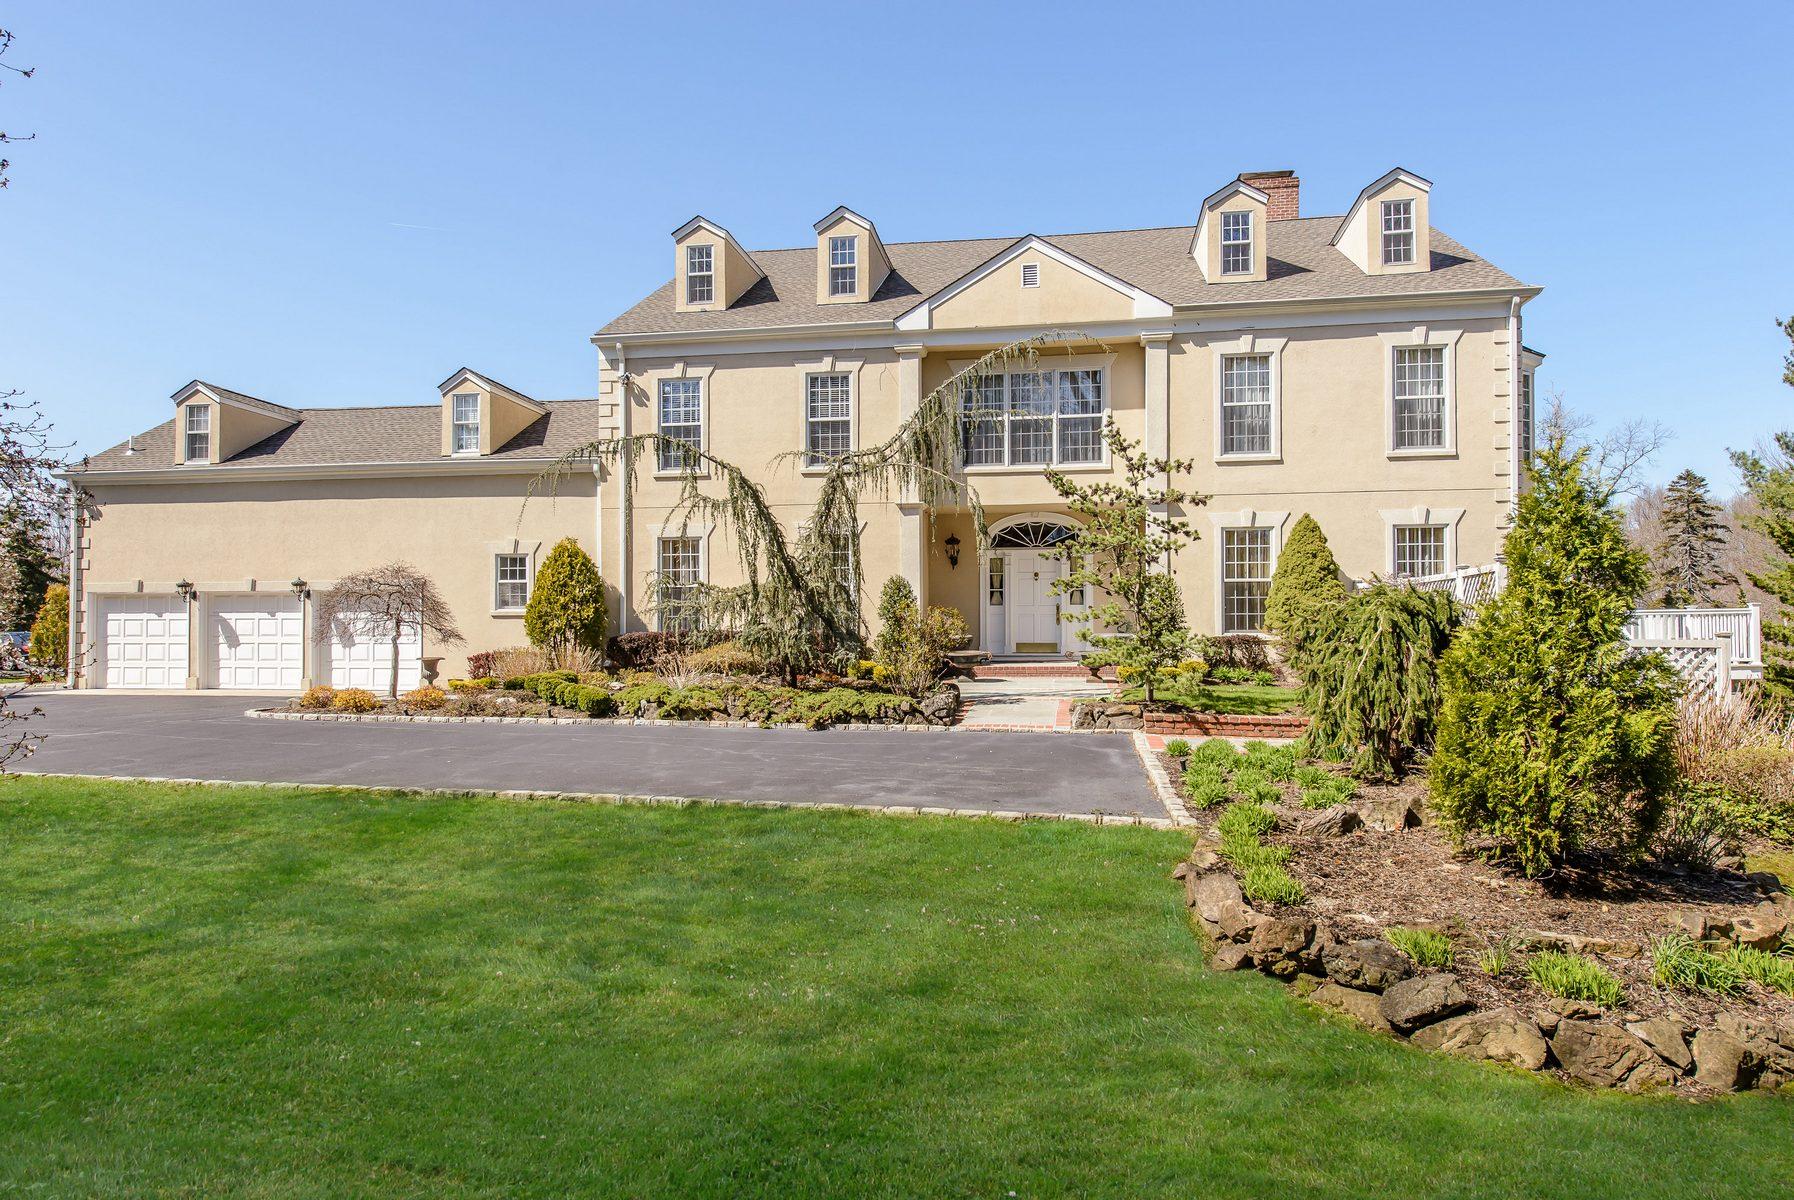 Nhà chung cư vì Bán tại Homeowner Assoc 6 Swan Ct Glen Cove, New York, 11542 Hoa Kỳ